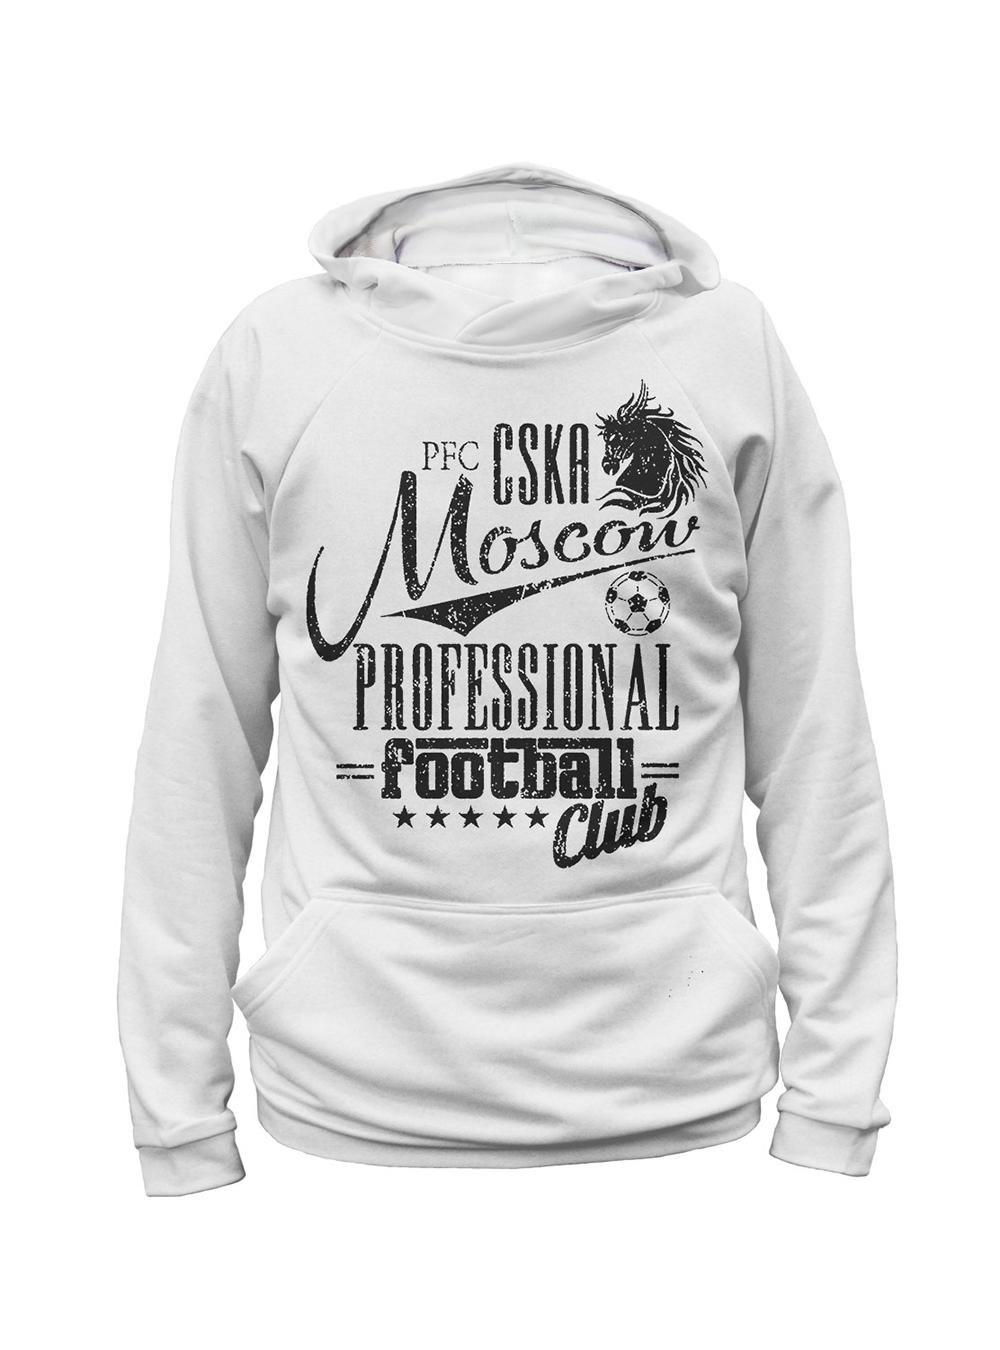 Купить Худи мужское «PFC CSKA Moscow», цвет белый (XXXL) по Нижнему Новгороду